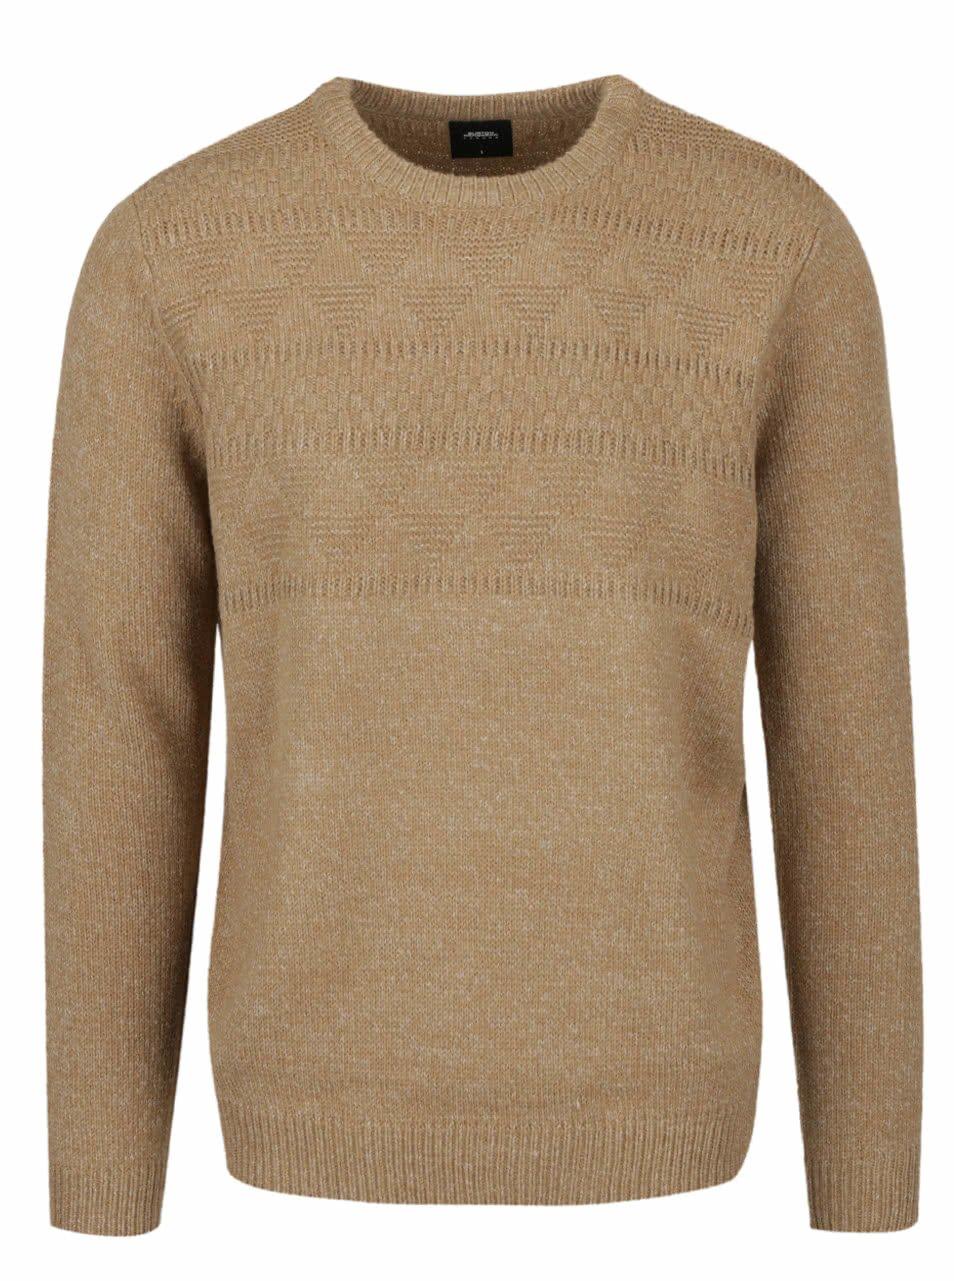 620e51c37a7 Černohnědý pánský kožený pásek s vyměnitelnými sponami Tommy Hilfiger (1  979 Kč). Světle hnědý žíhaný svetr Burton Menswear London